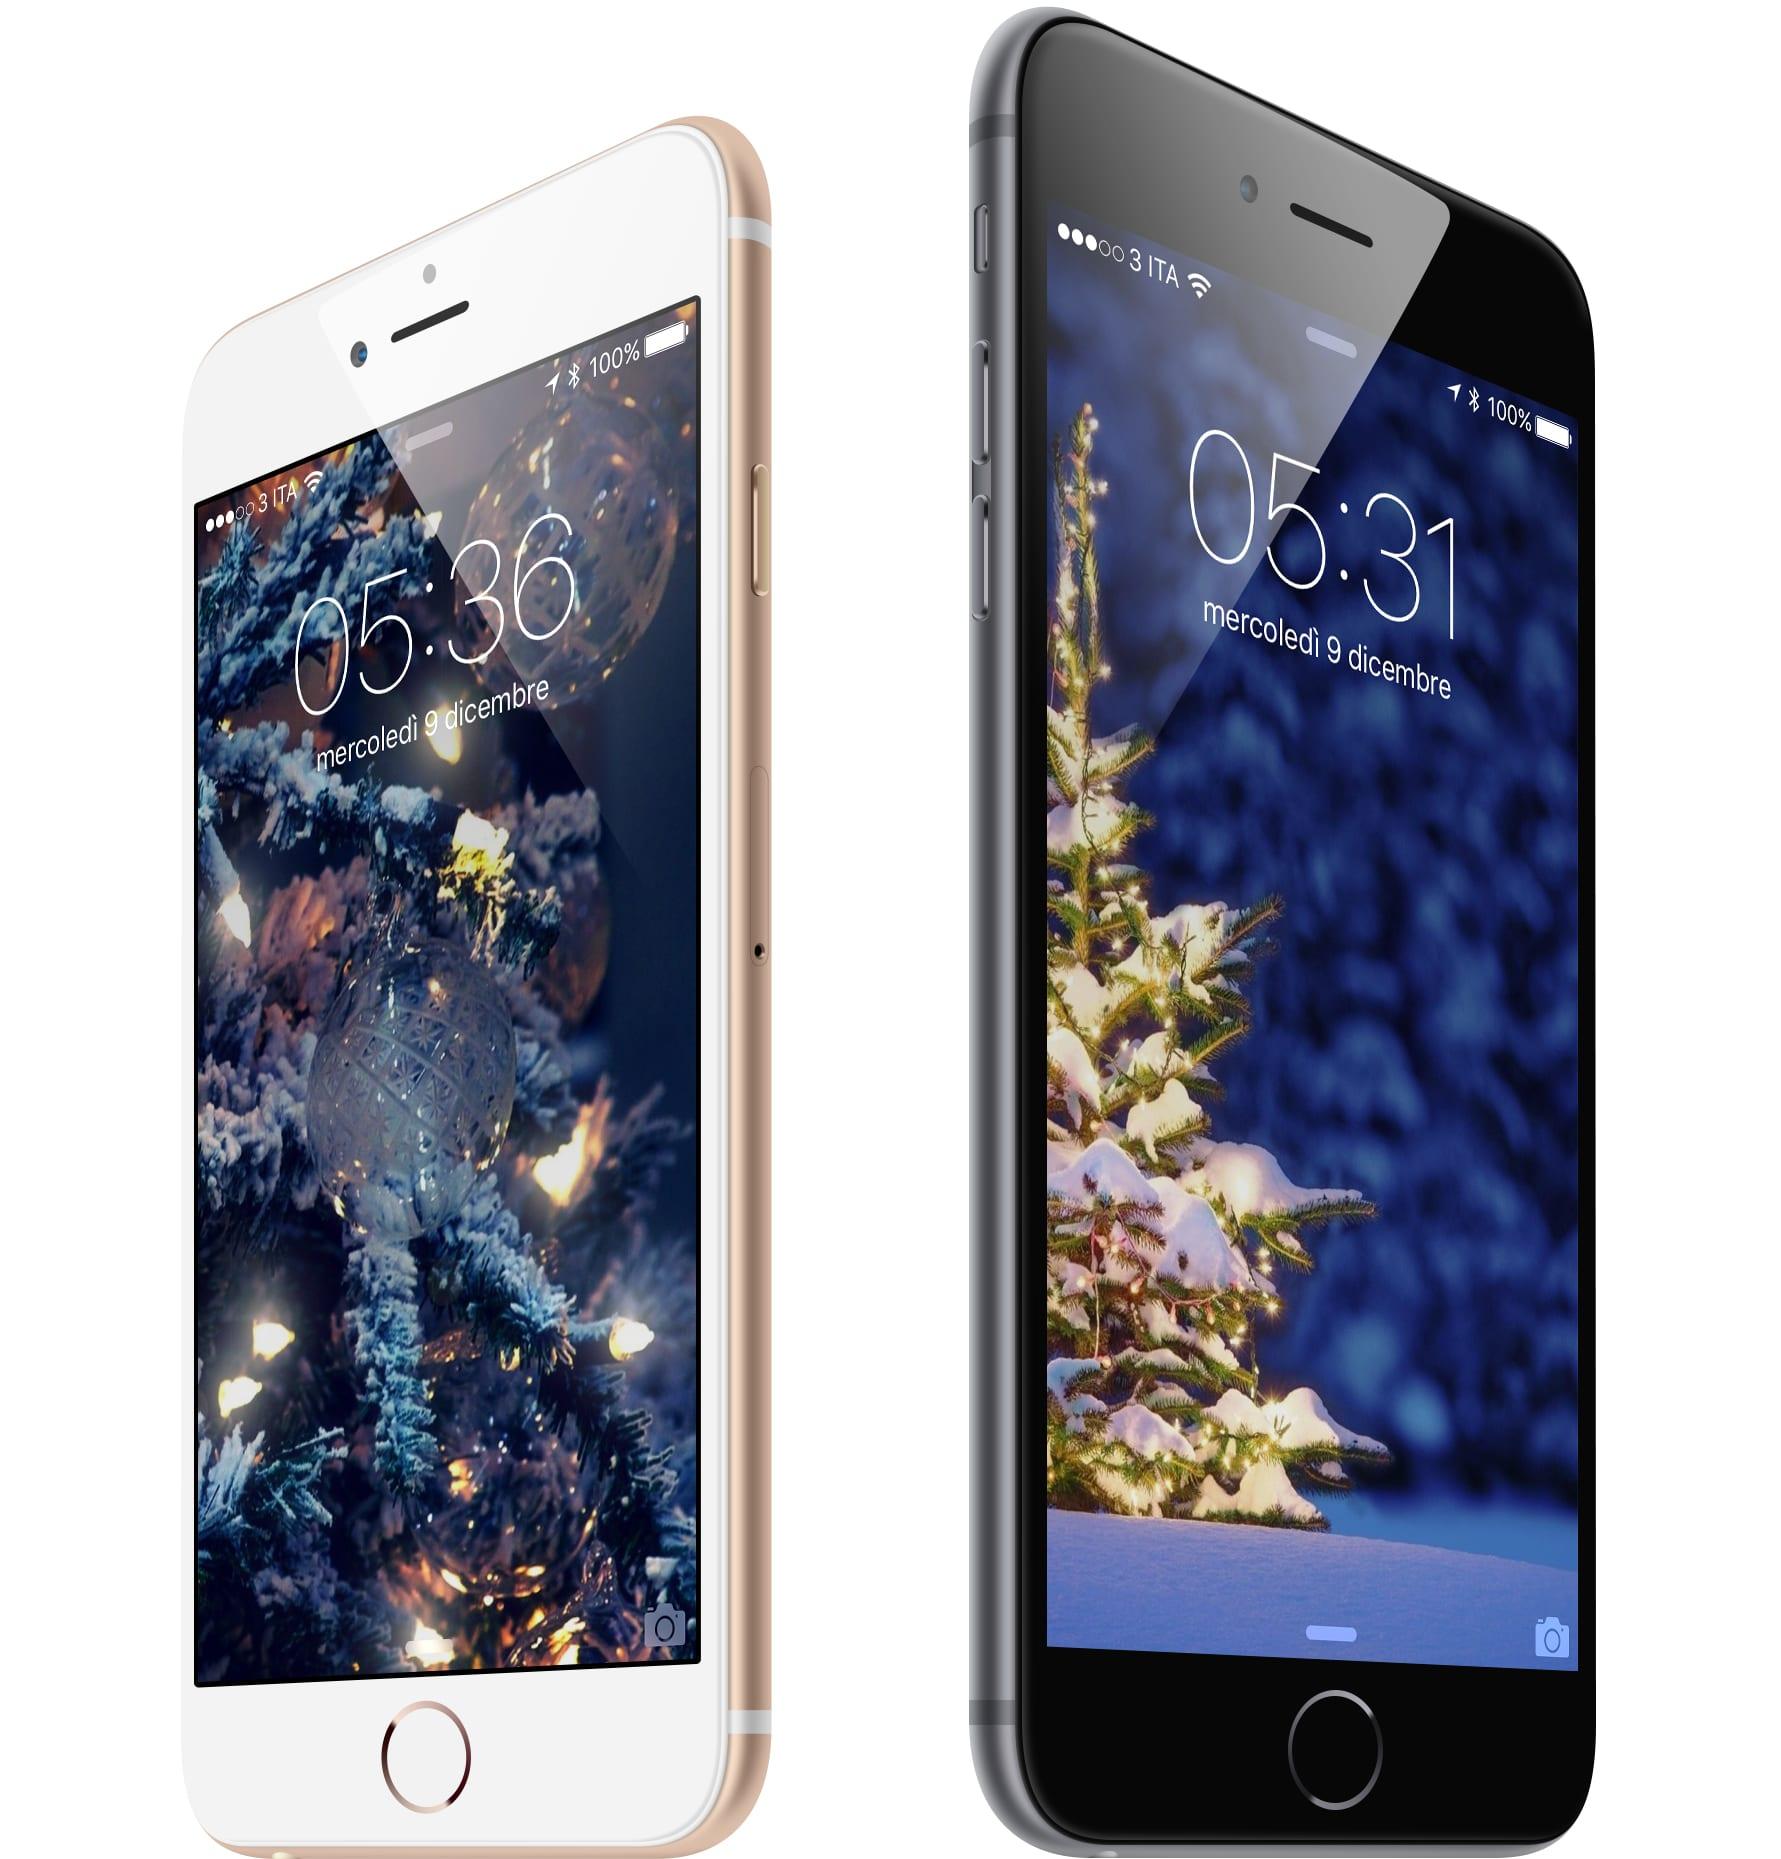 #WallpaperSelection #98: Scarica Gratis 5 Sfondi Natalizi di iSpazio per il tuo iPhone ed iPad [DOWNLOAD]